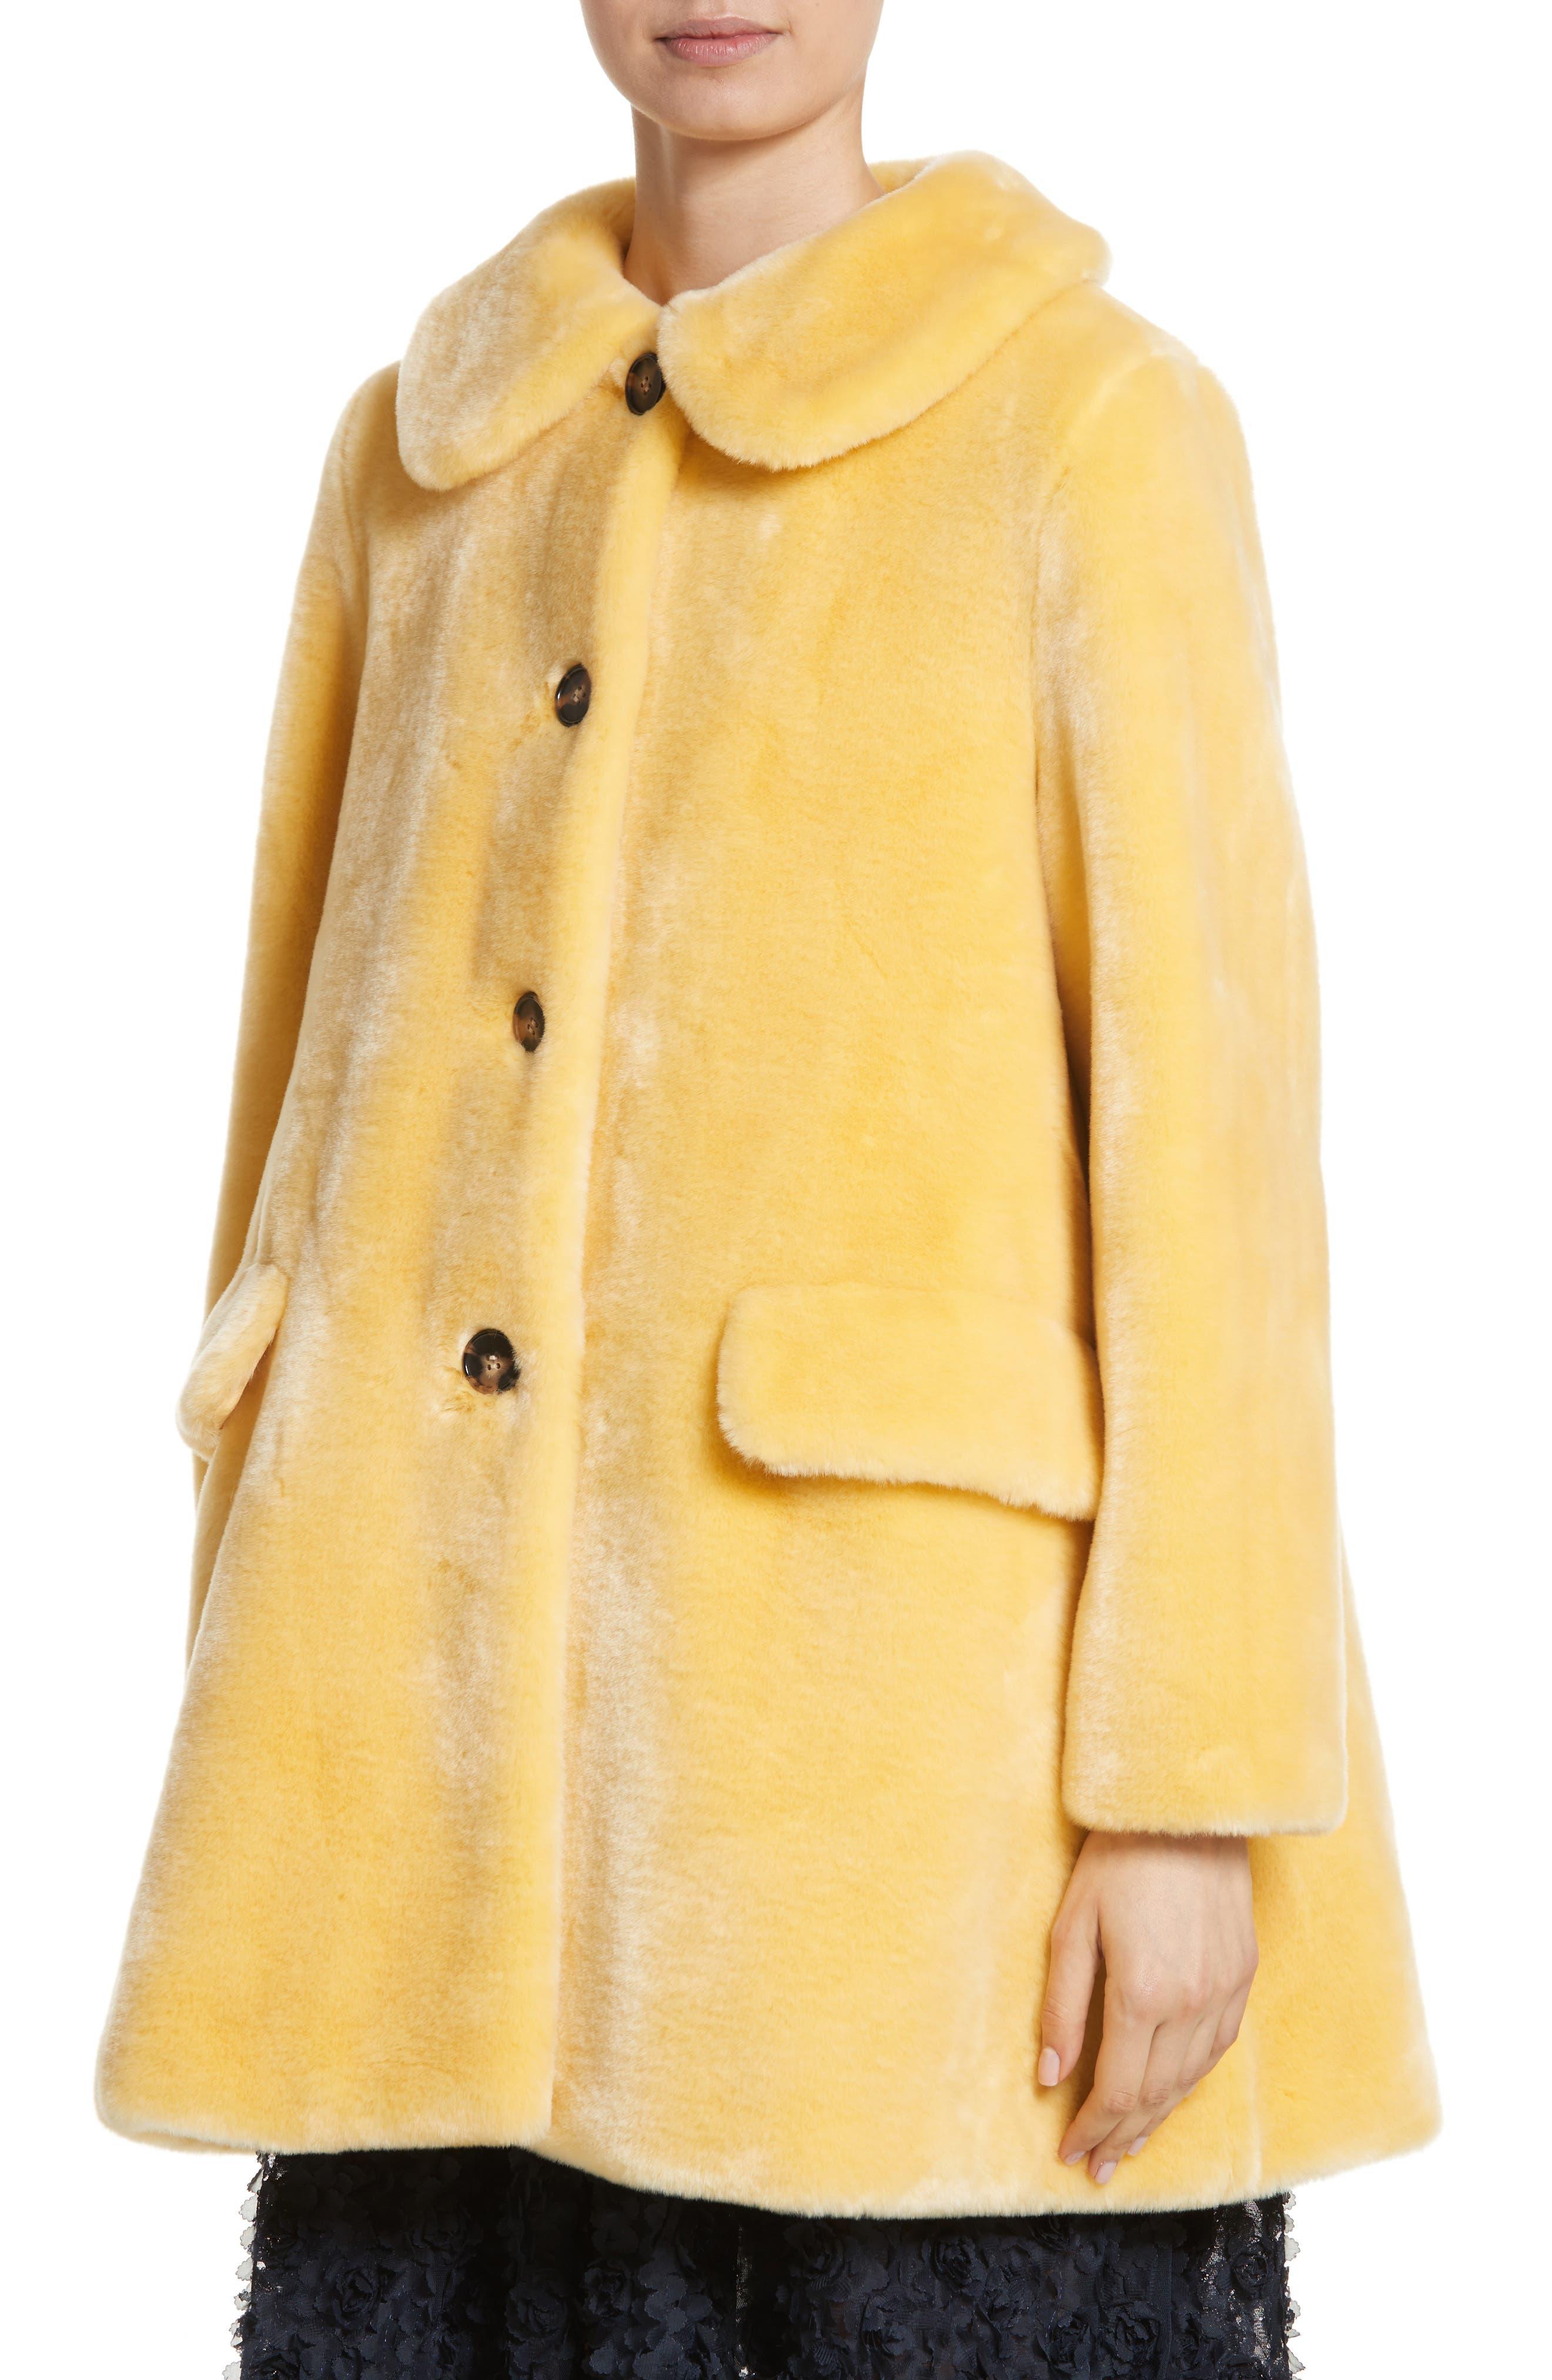 Pyrus Oversized Faux Fur Coat,                             Alternate thumbnail 4, color,                             700